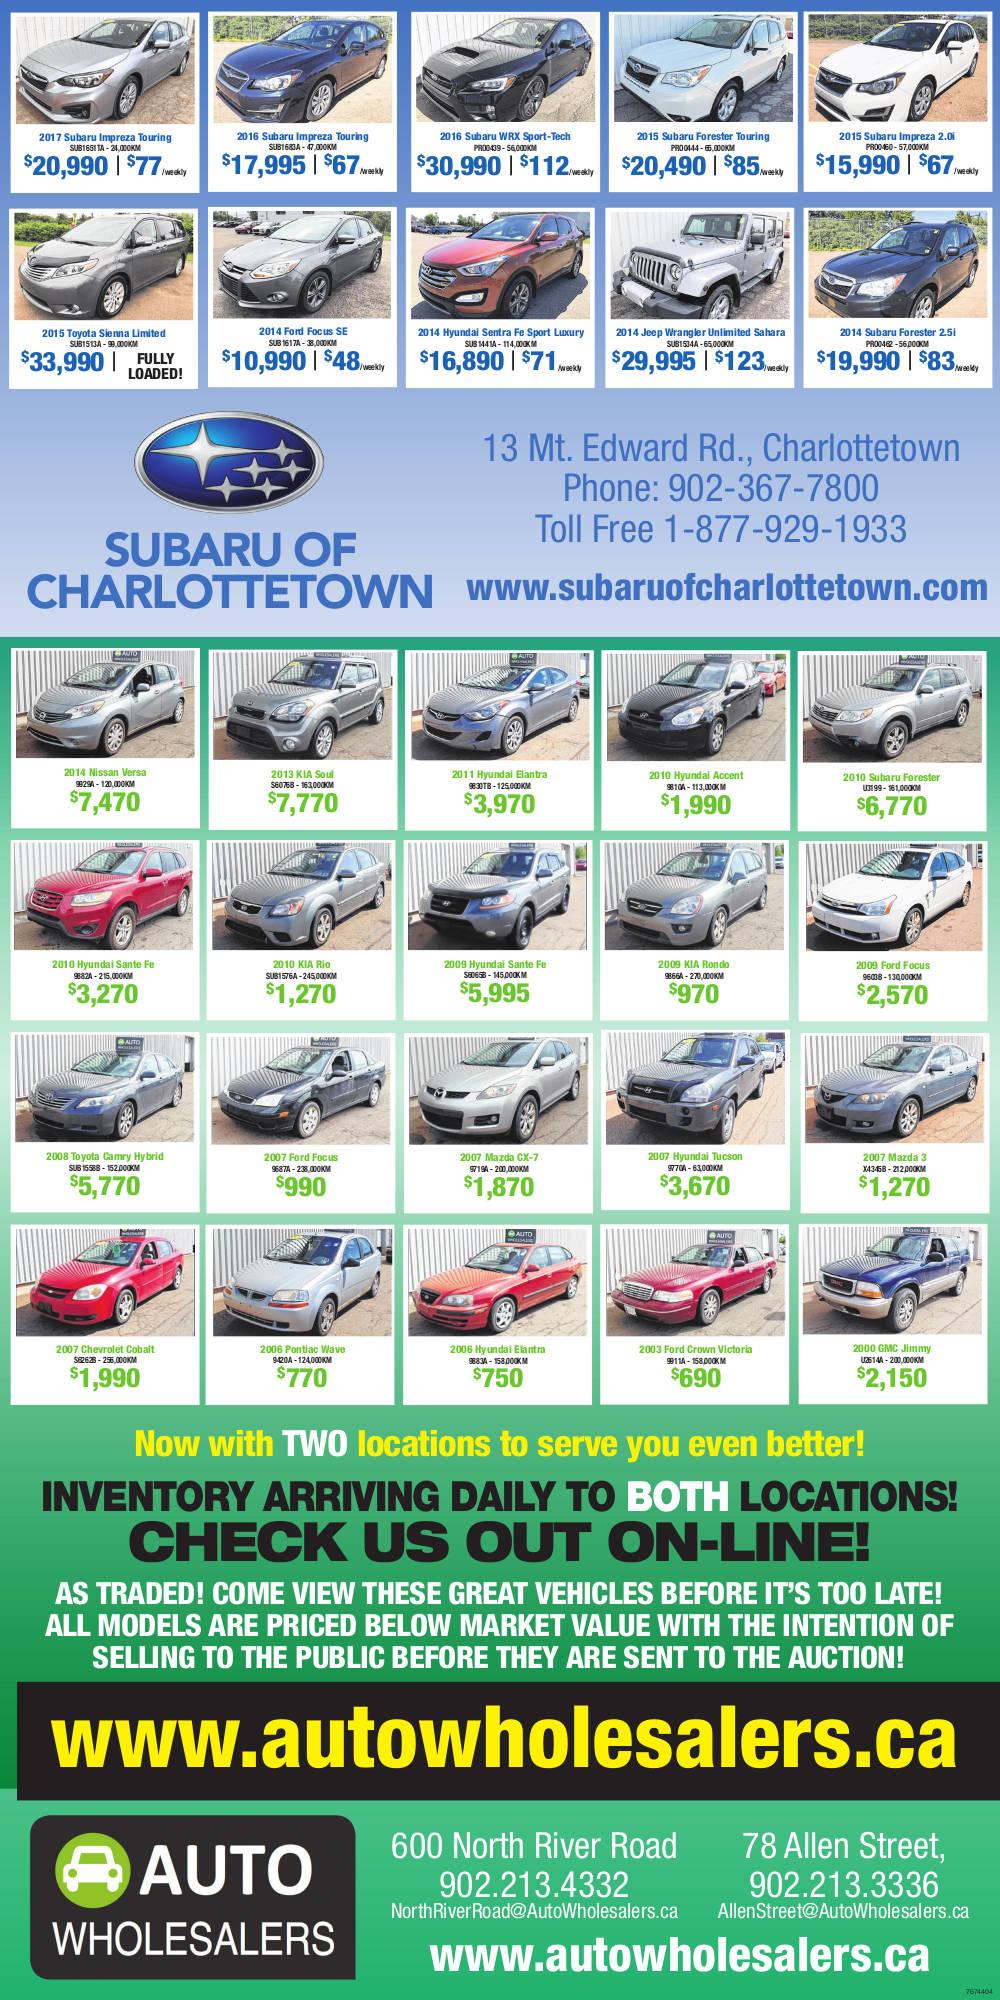 Subaru_of_Charlottetown2